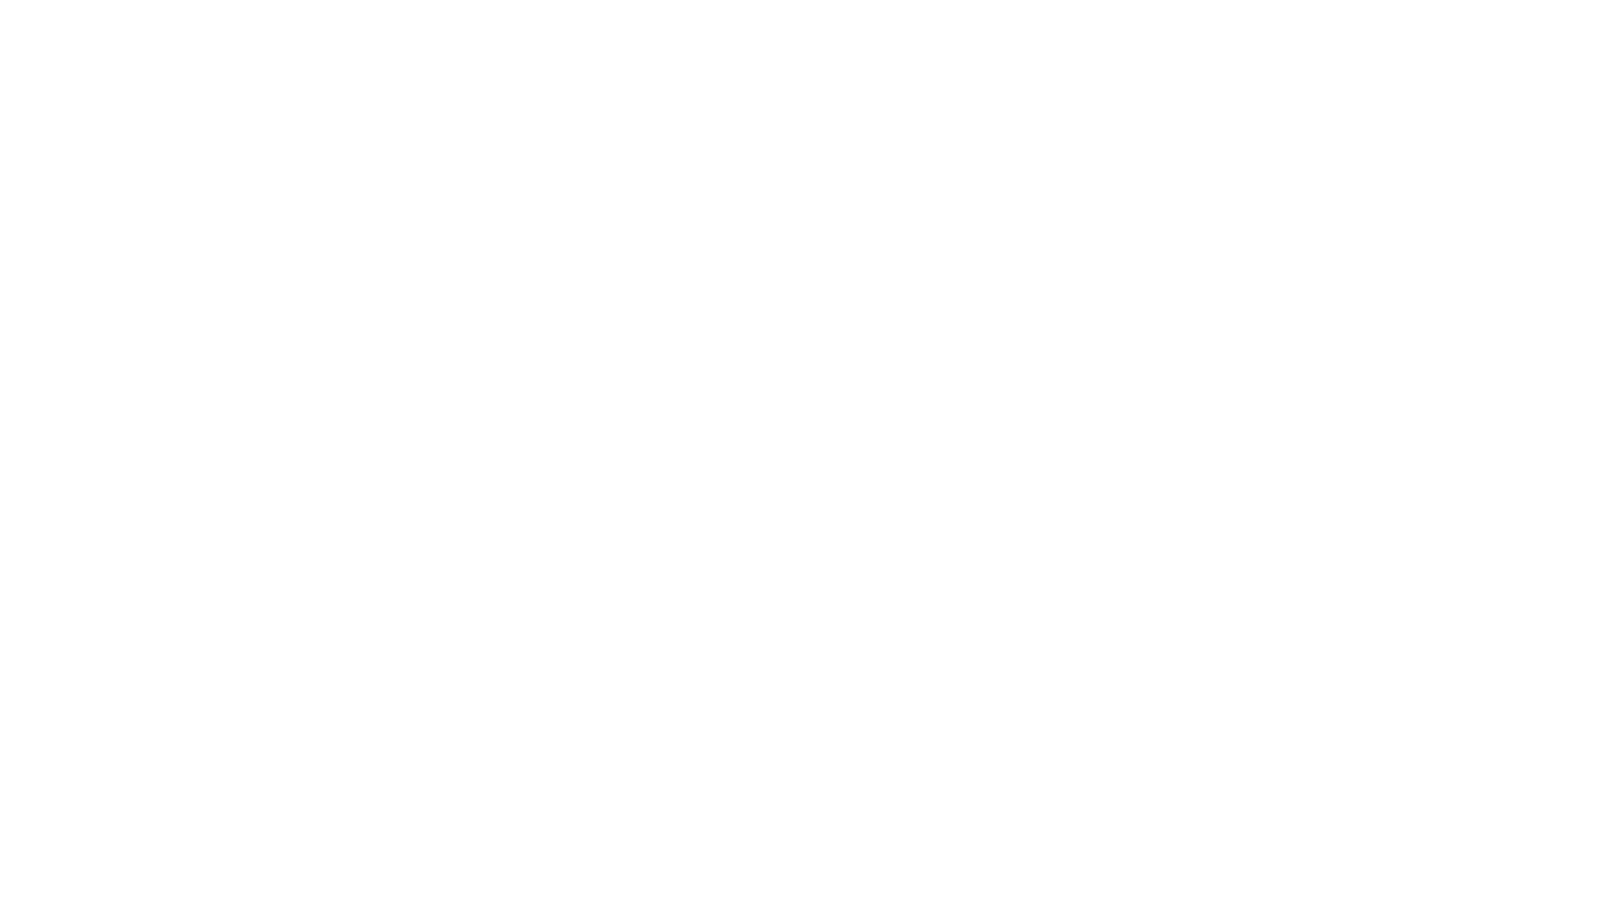 Première session du nouveau séminaire LAM/CED : « Economie politique des capitalismes : perspectives Nord/Sud » qui a eu lieu le 4 décembre 2020.  Deux intervenant.e.s participaient à cette session :  - Andy Smith - Directeur de recherche, Sciences Po Bordeaux « Une économie politique structuraliste et constructiviste : le cas du commerce international » - Charlotte Pelletan - Chercheuse associée LAM « Construction et stabilisation du secteur du médicament en Afrique du Sud : un cadre d'analyse pour étudier le système de régulation croisée entre l'Etat et l'industrie. »  Ce séminaire est co-organisé par le laboratoire Les Afriques dans le monde et le Centre Emile Durkheim de Sciences Po Bordeaux.